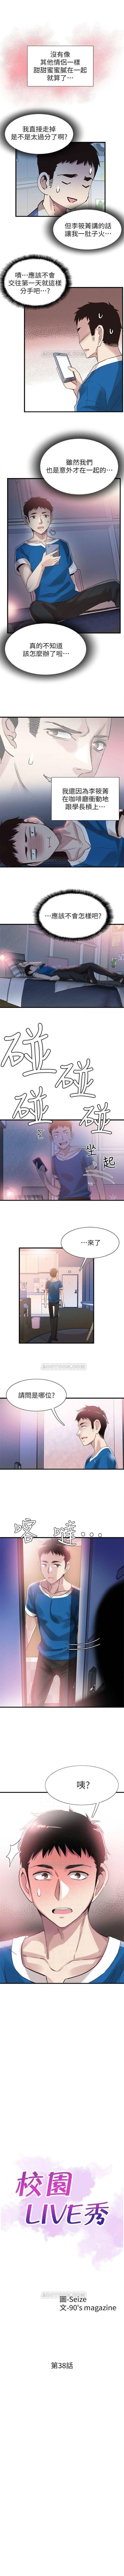 (週7)校園live秀 1-50 中文翻譯(更新中) 263